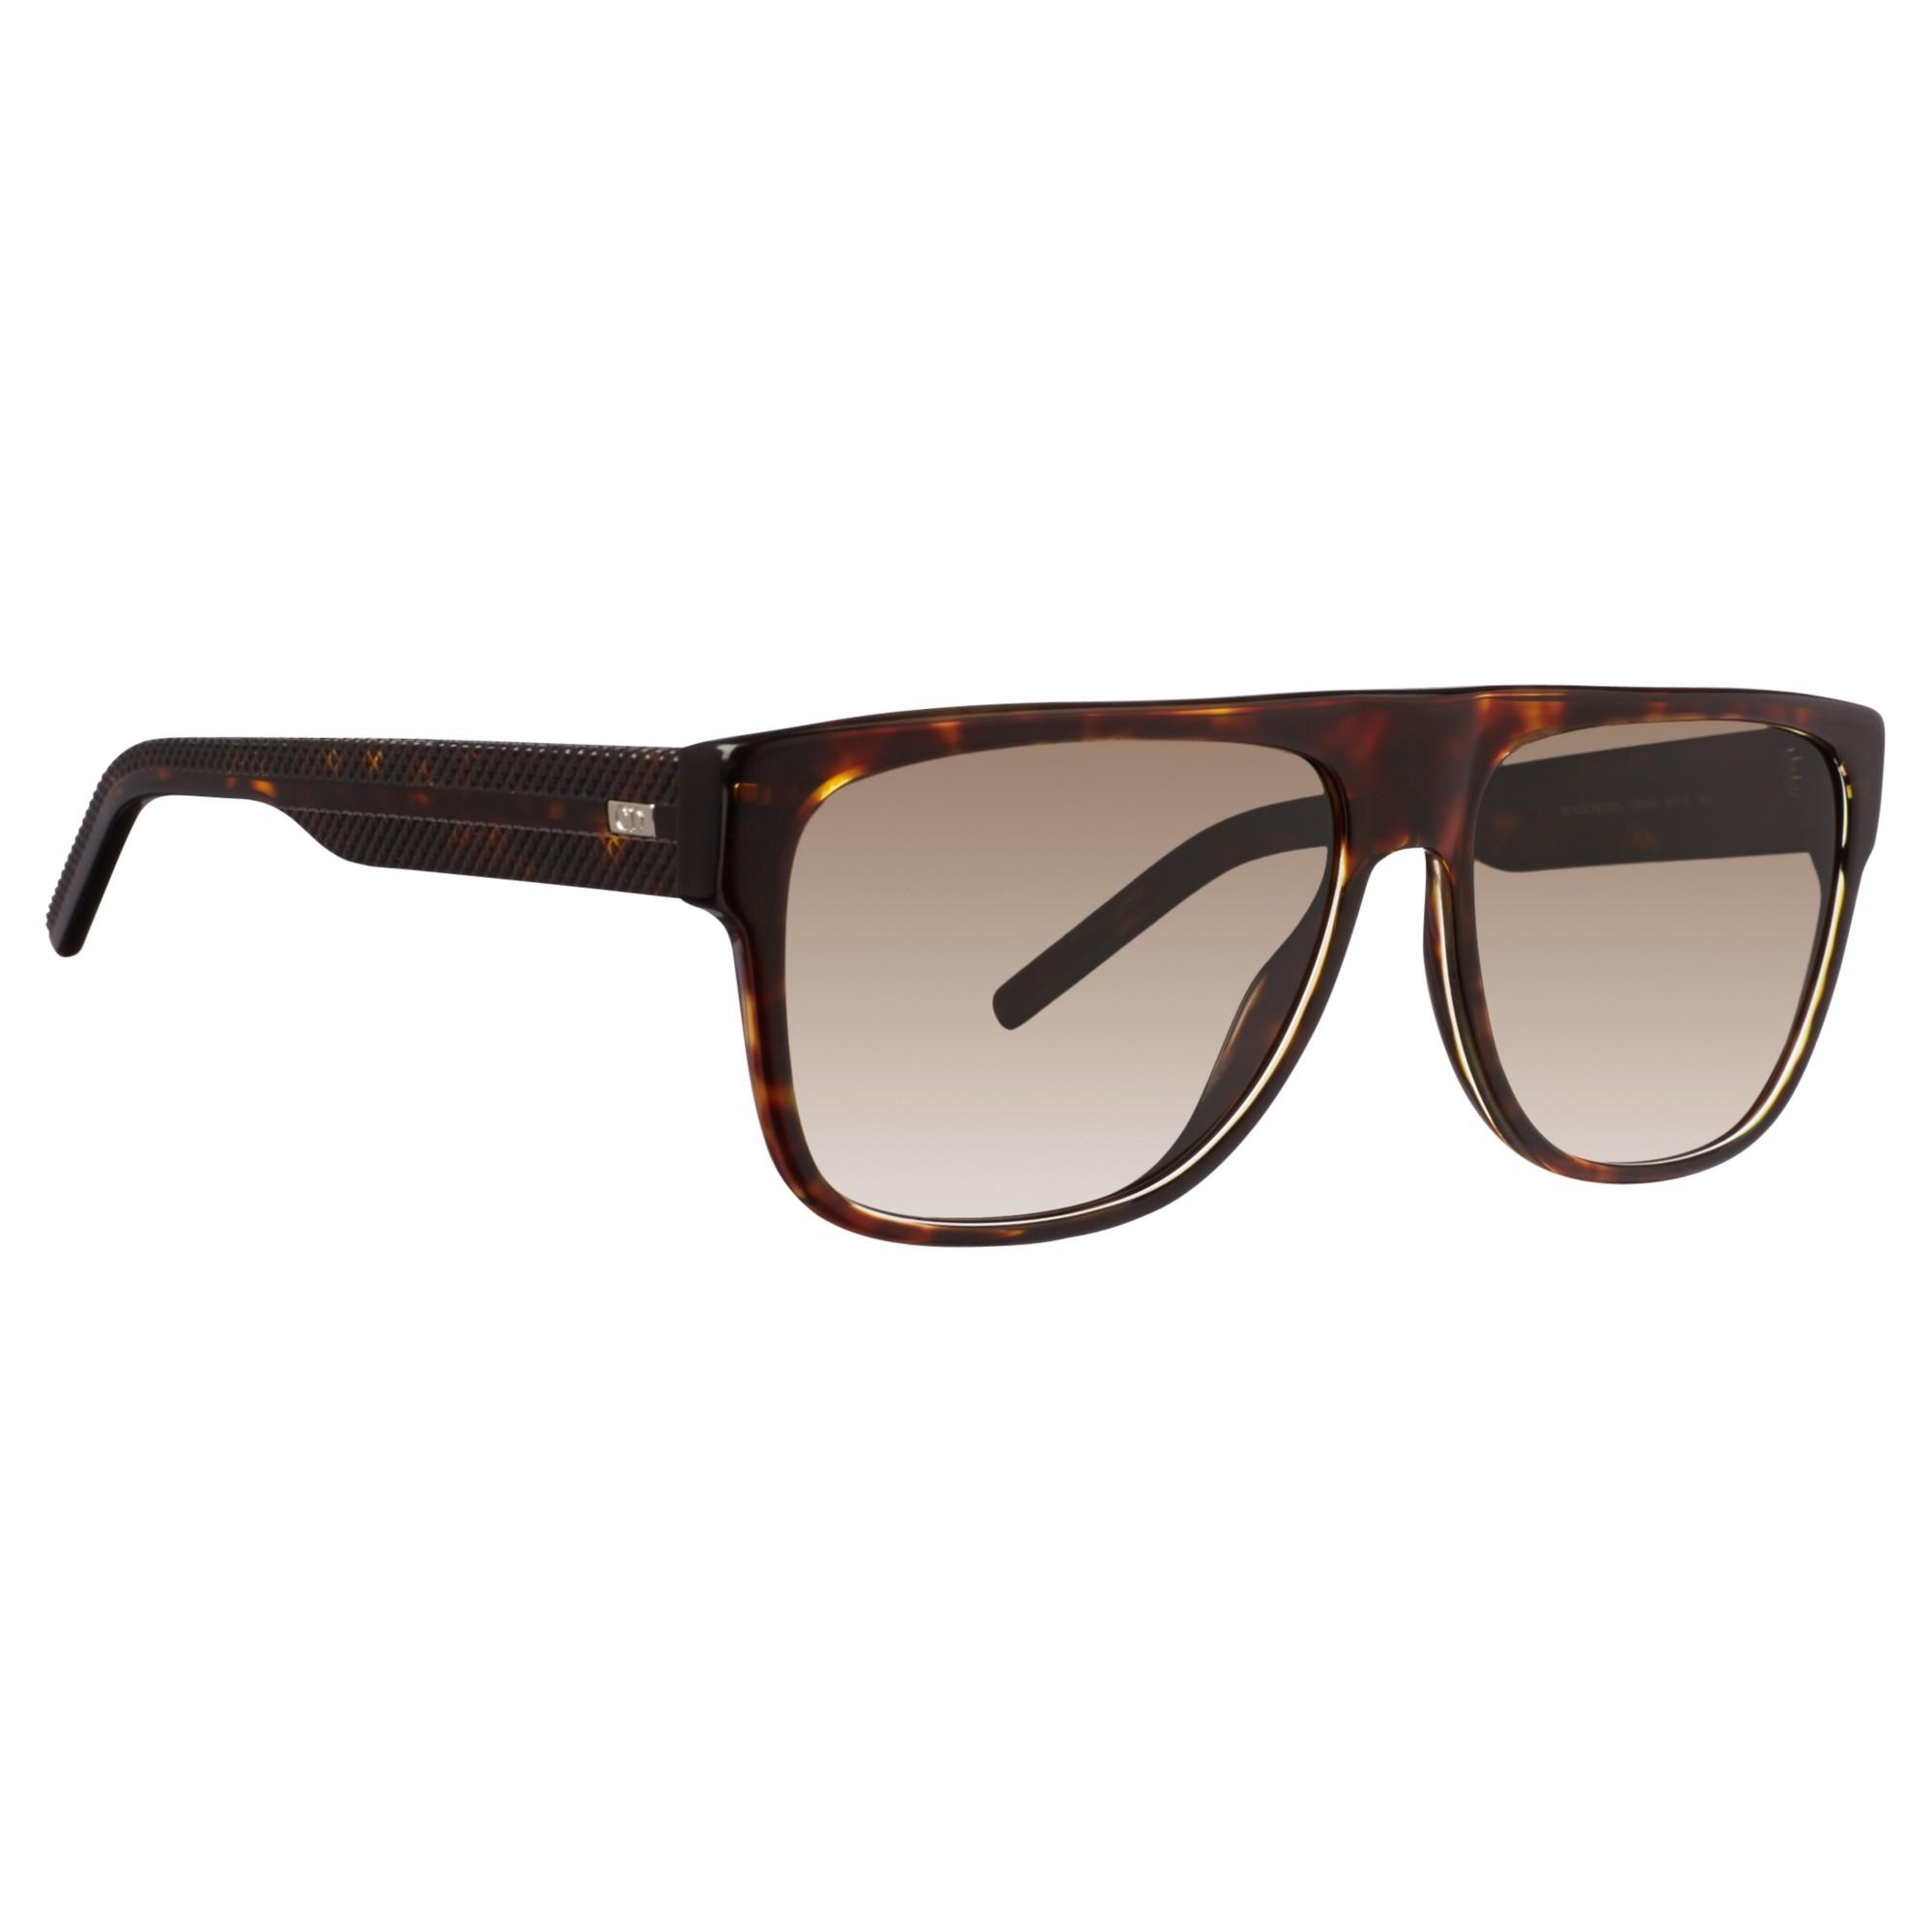 d09cbbe3cb79 Dior Black Tie 188s Square Sunglasses in Brown - Lyst